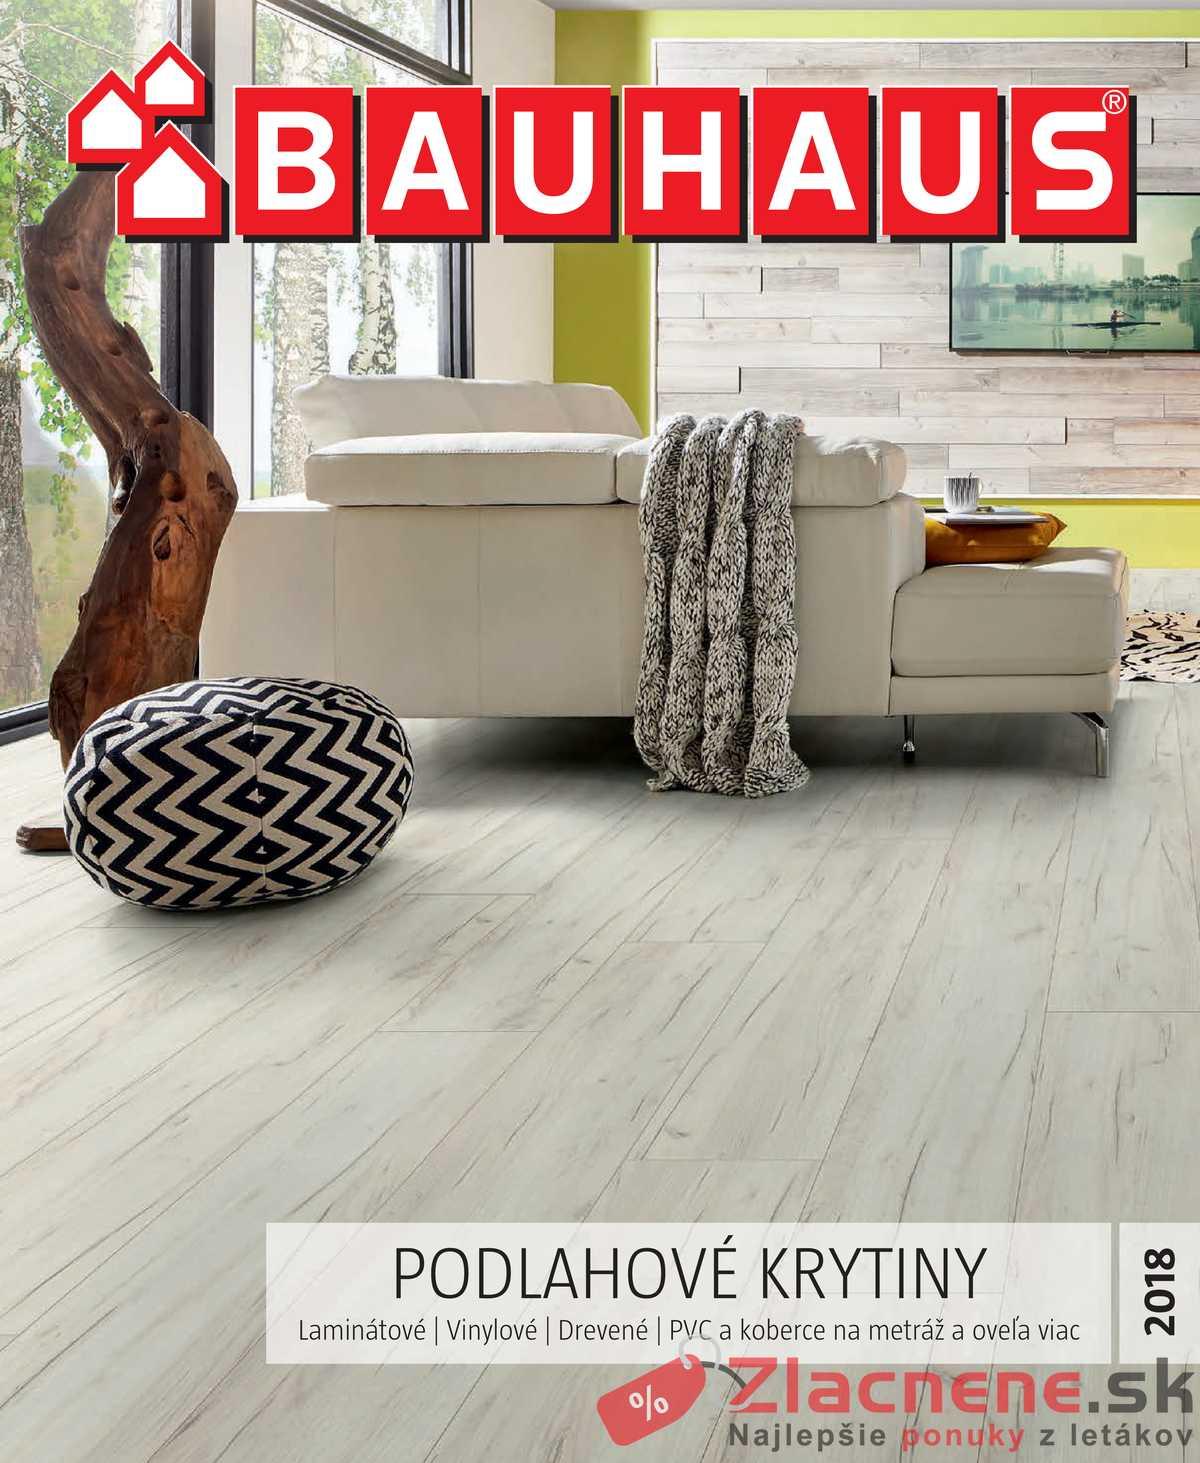 Leták Bauhaus - Bauhaus 17.10.2018 - 31.3.2019 Podlahové krytiny - strana 1